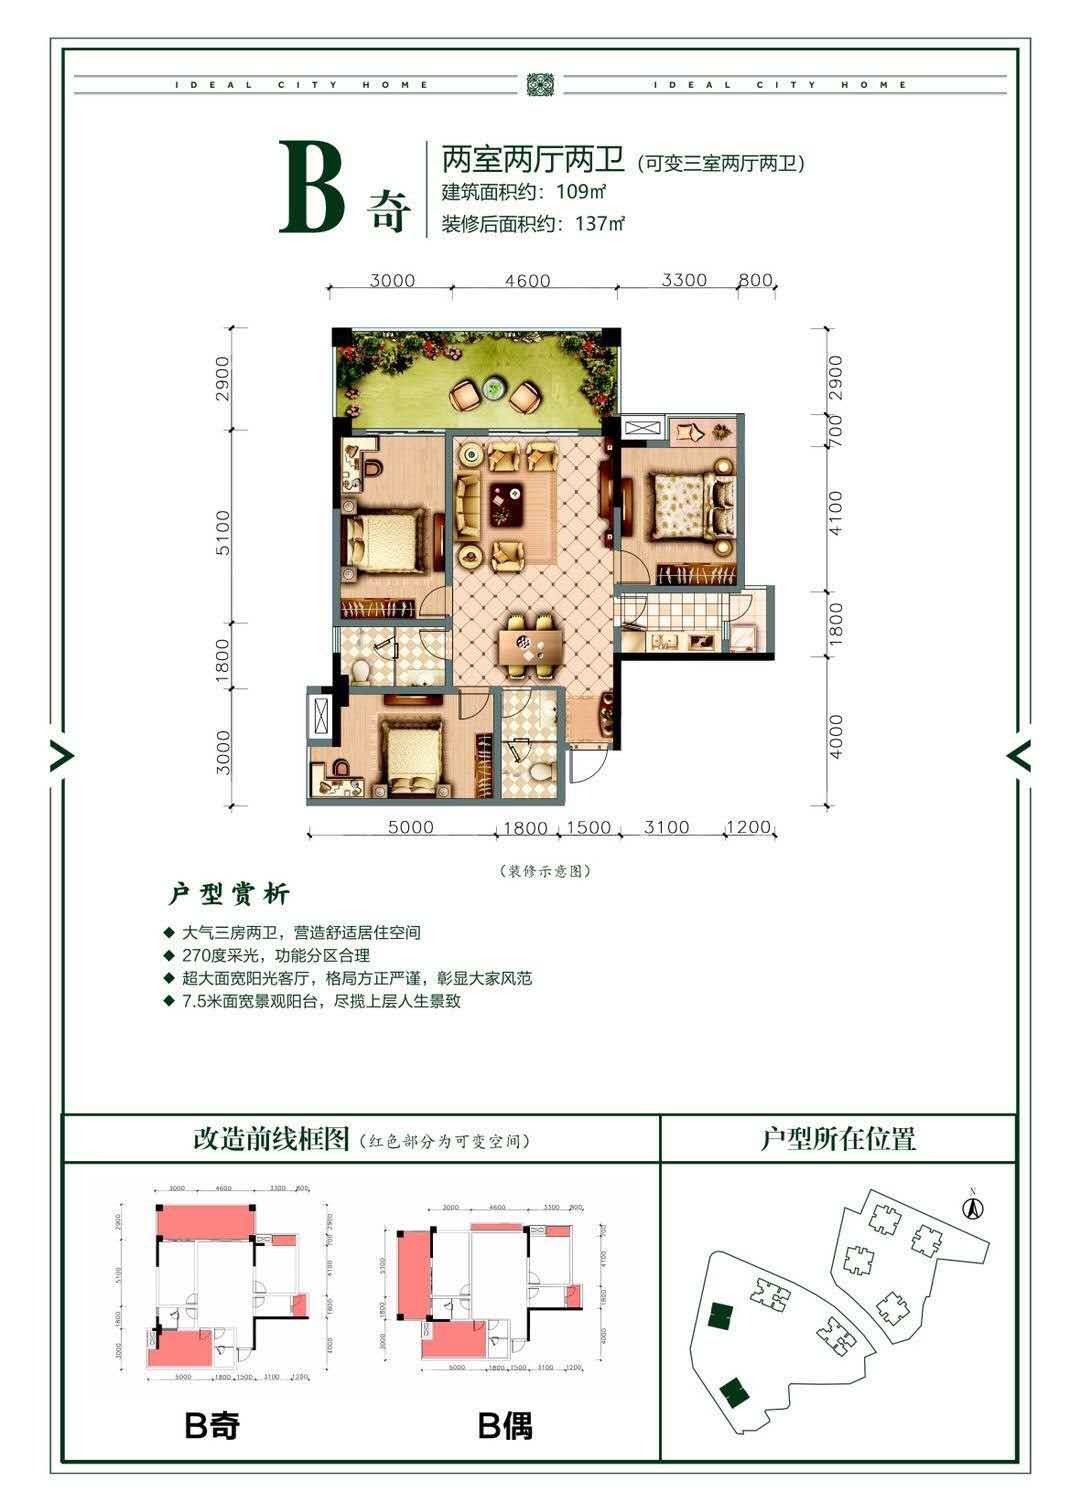 金沙明珠3室2厅2卫57.15万元